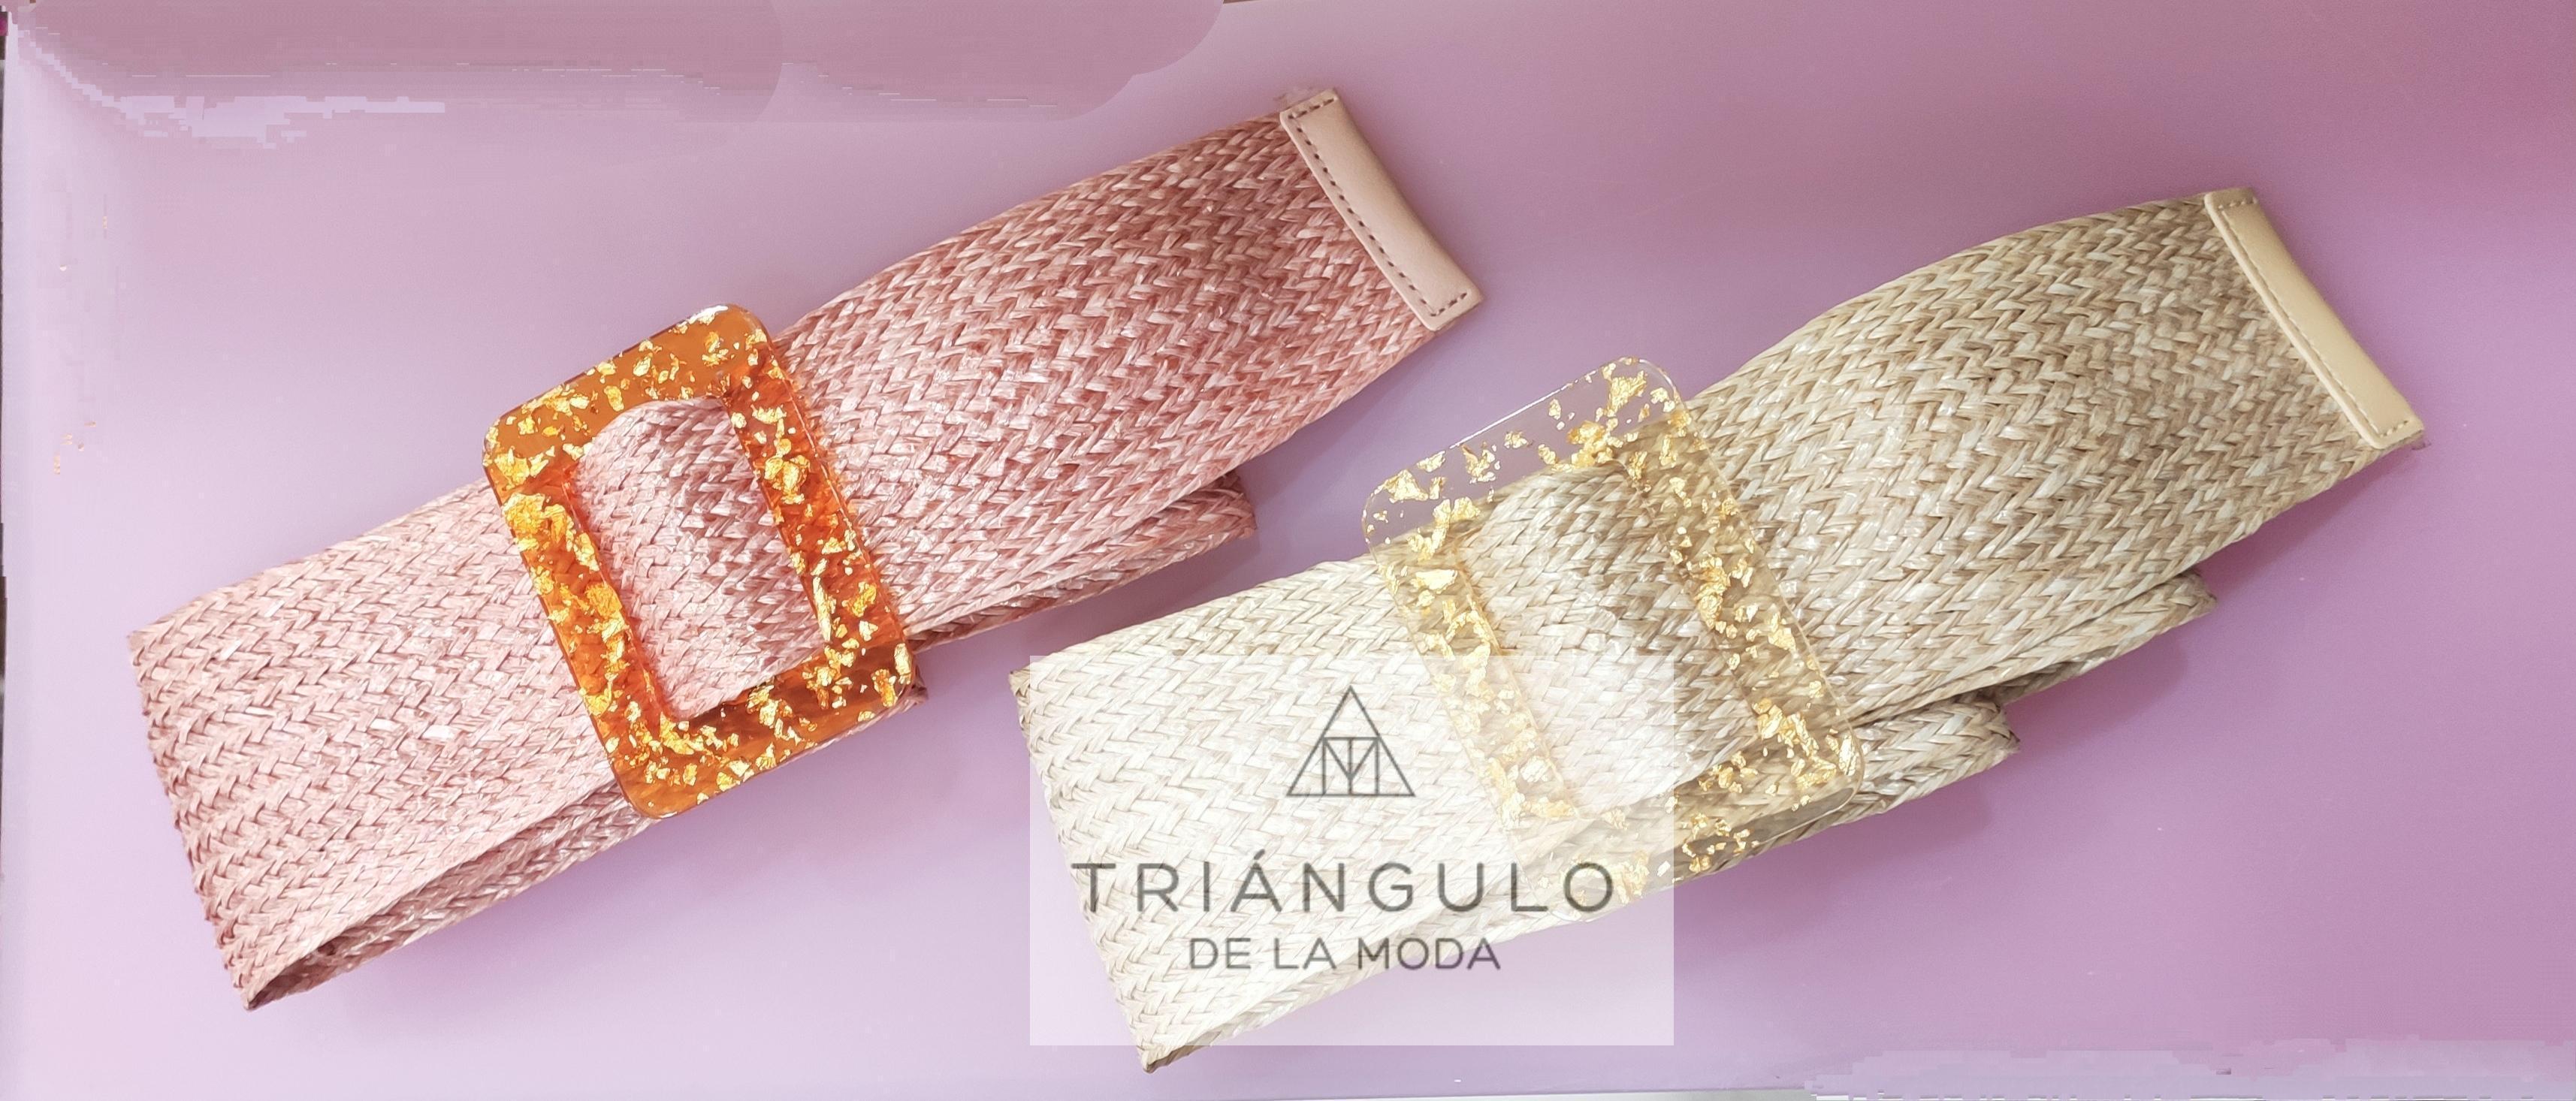 Tienda online del Triangulo de la Moda Cinturones rafia